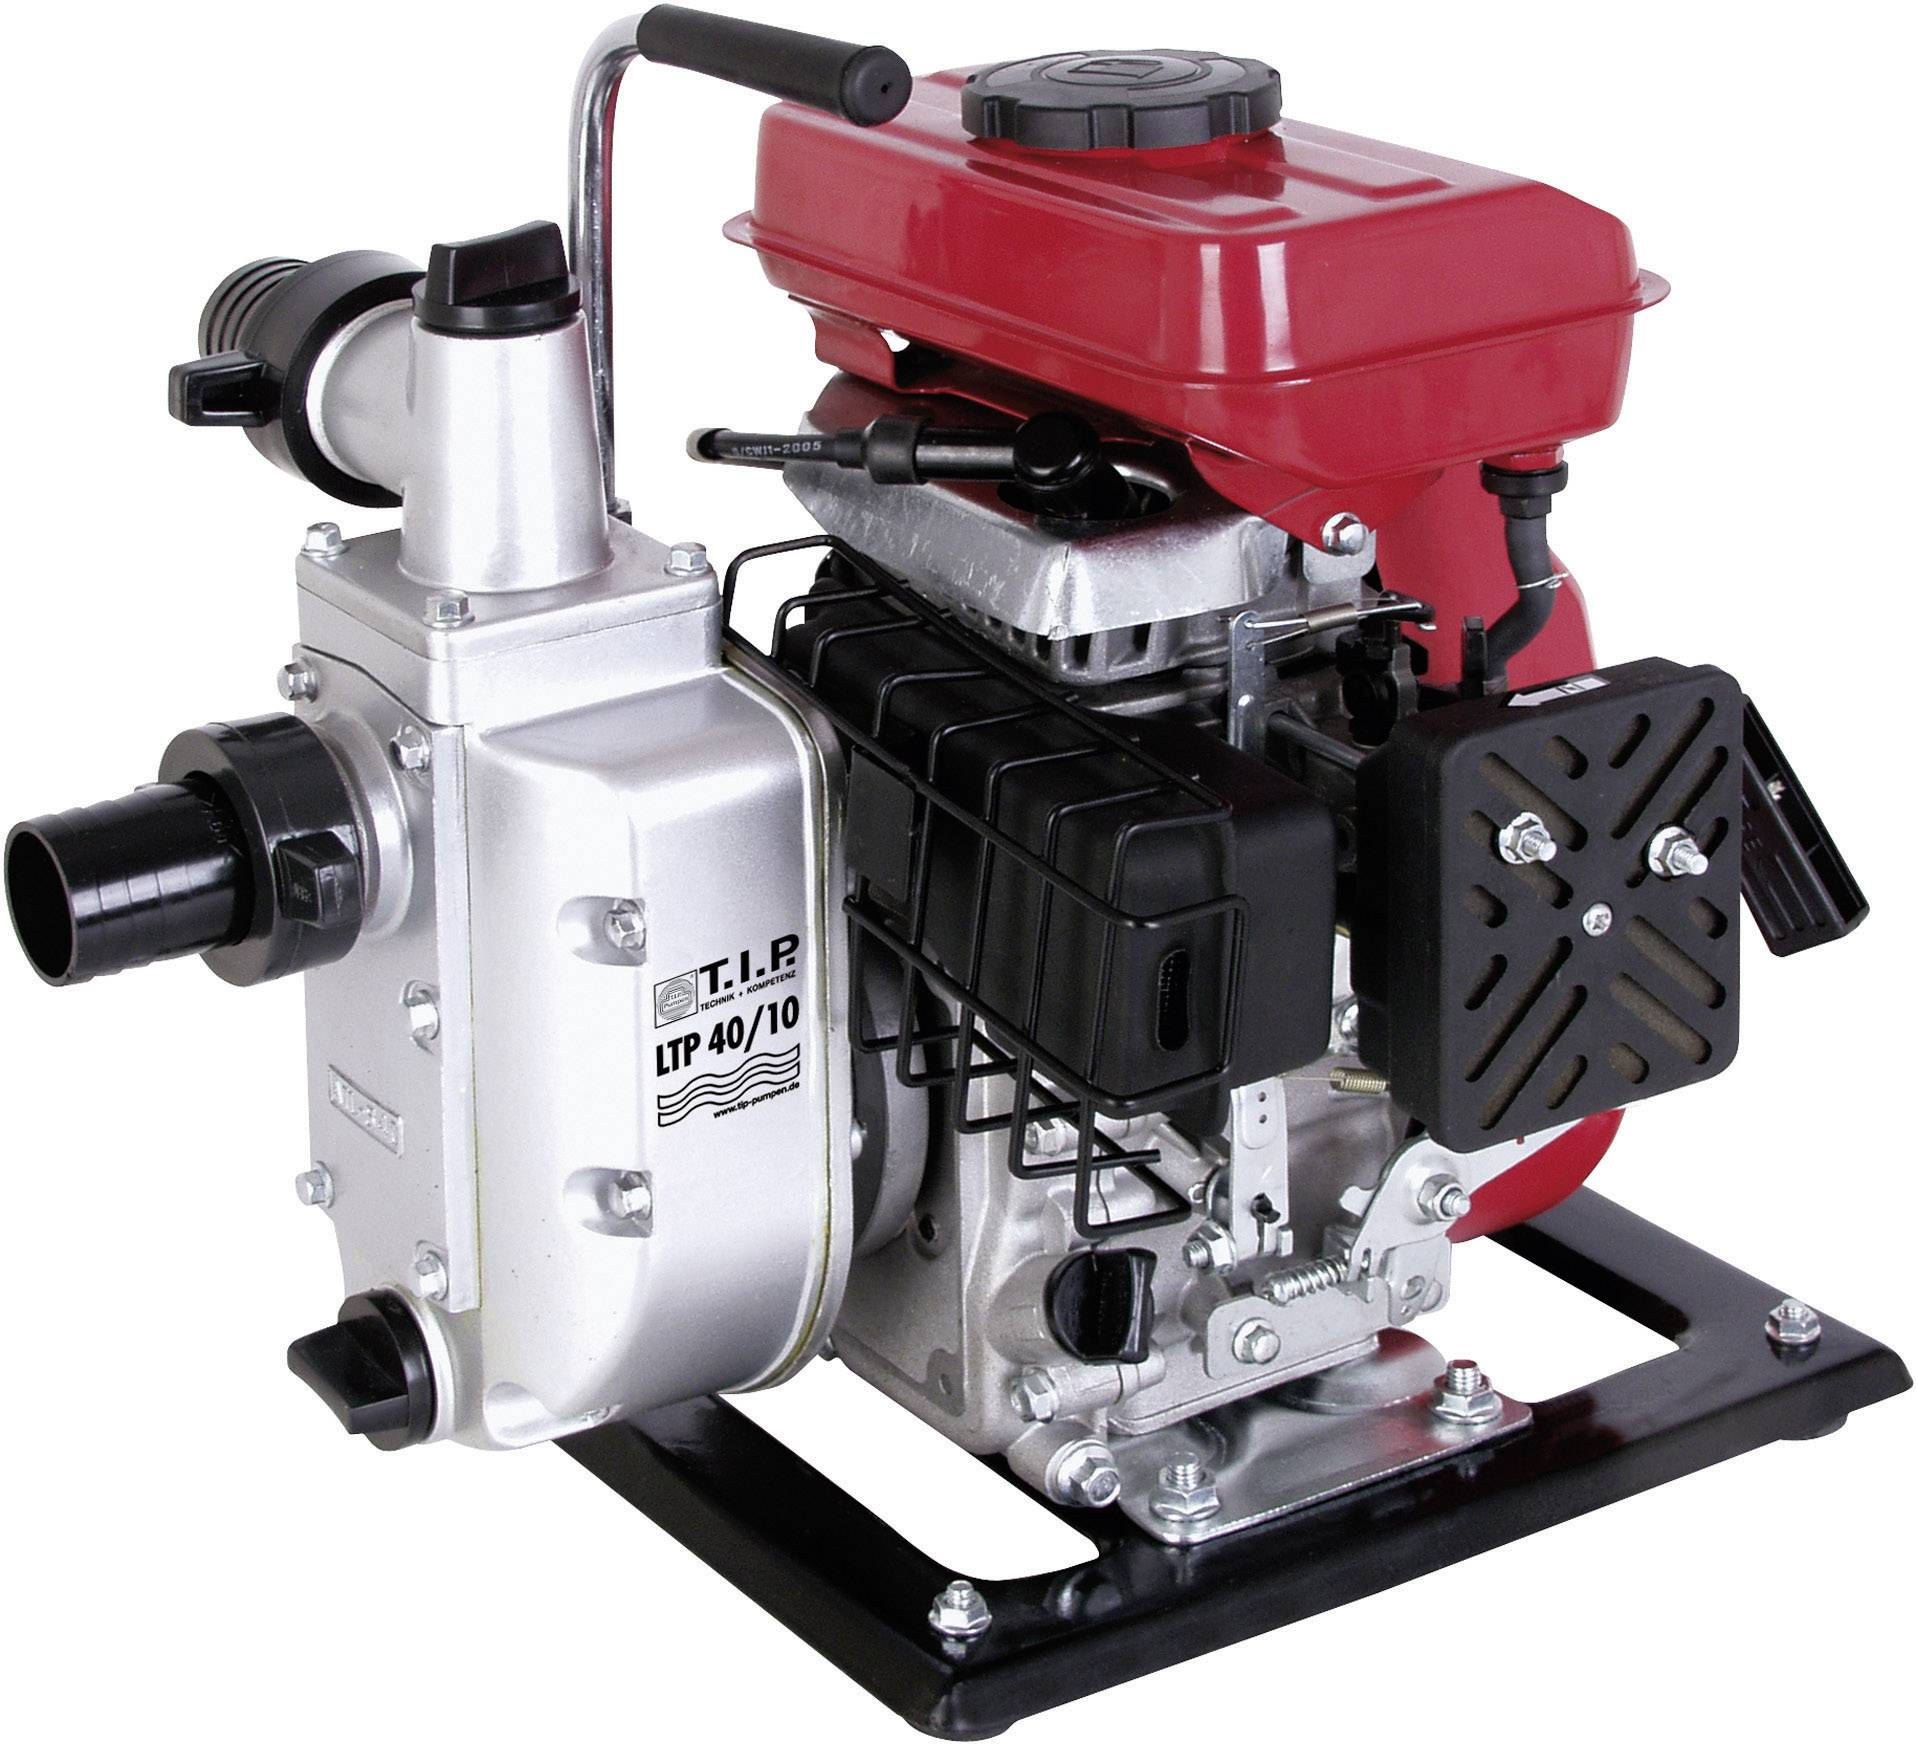 Benzínové zahradní čerpadlo T.I.P. LTP 40/10 30131, 10000 l/h, 15 m